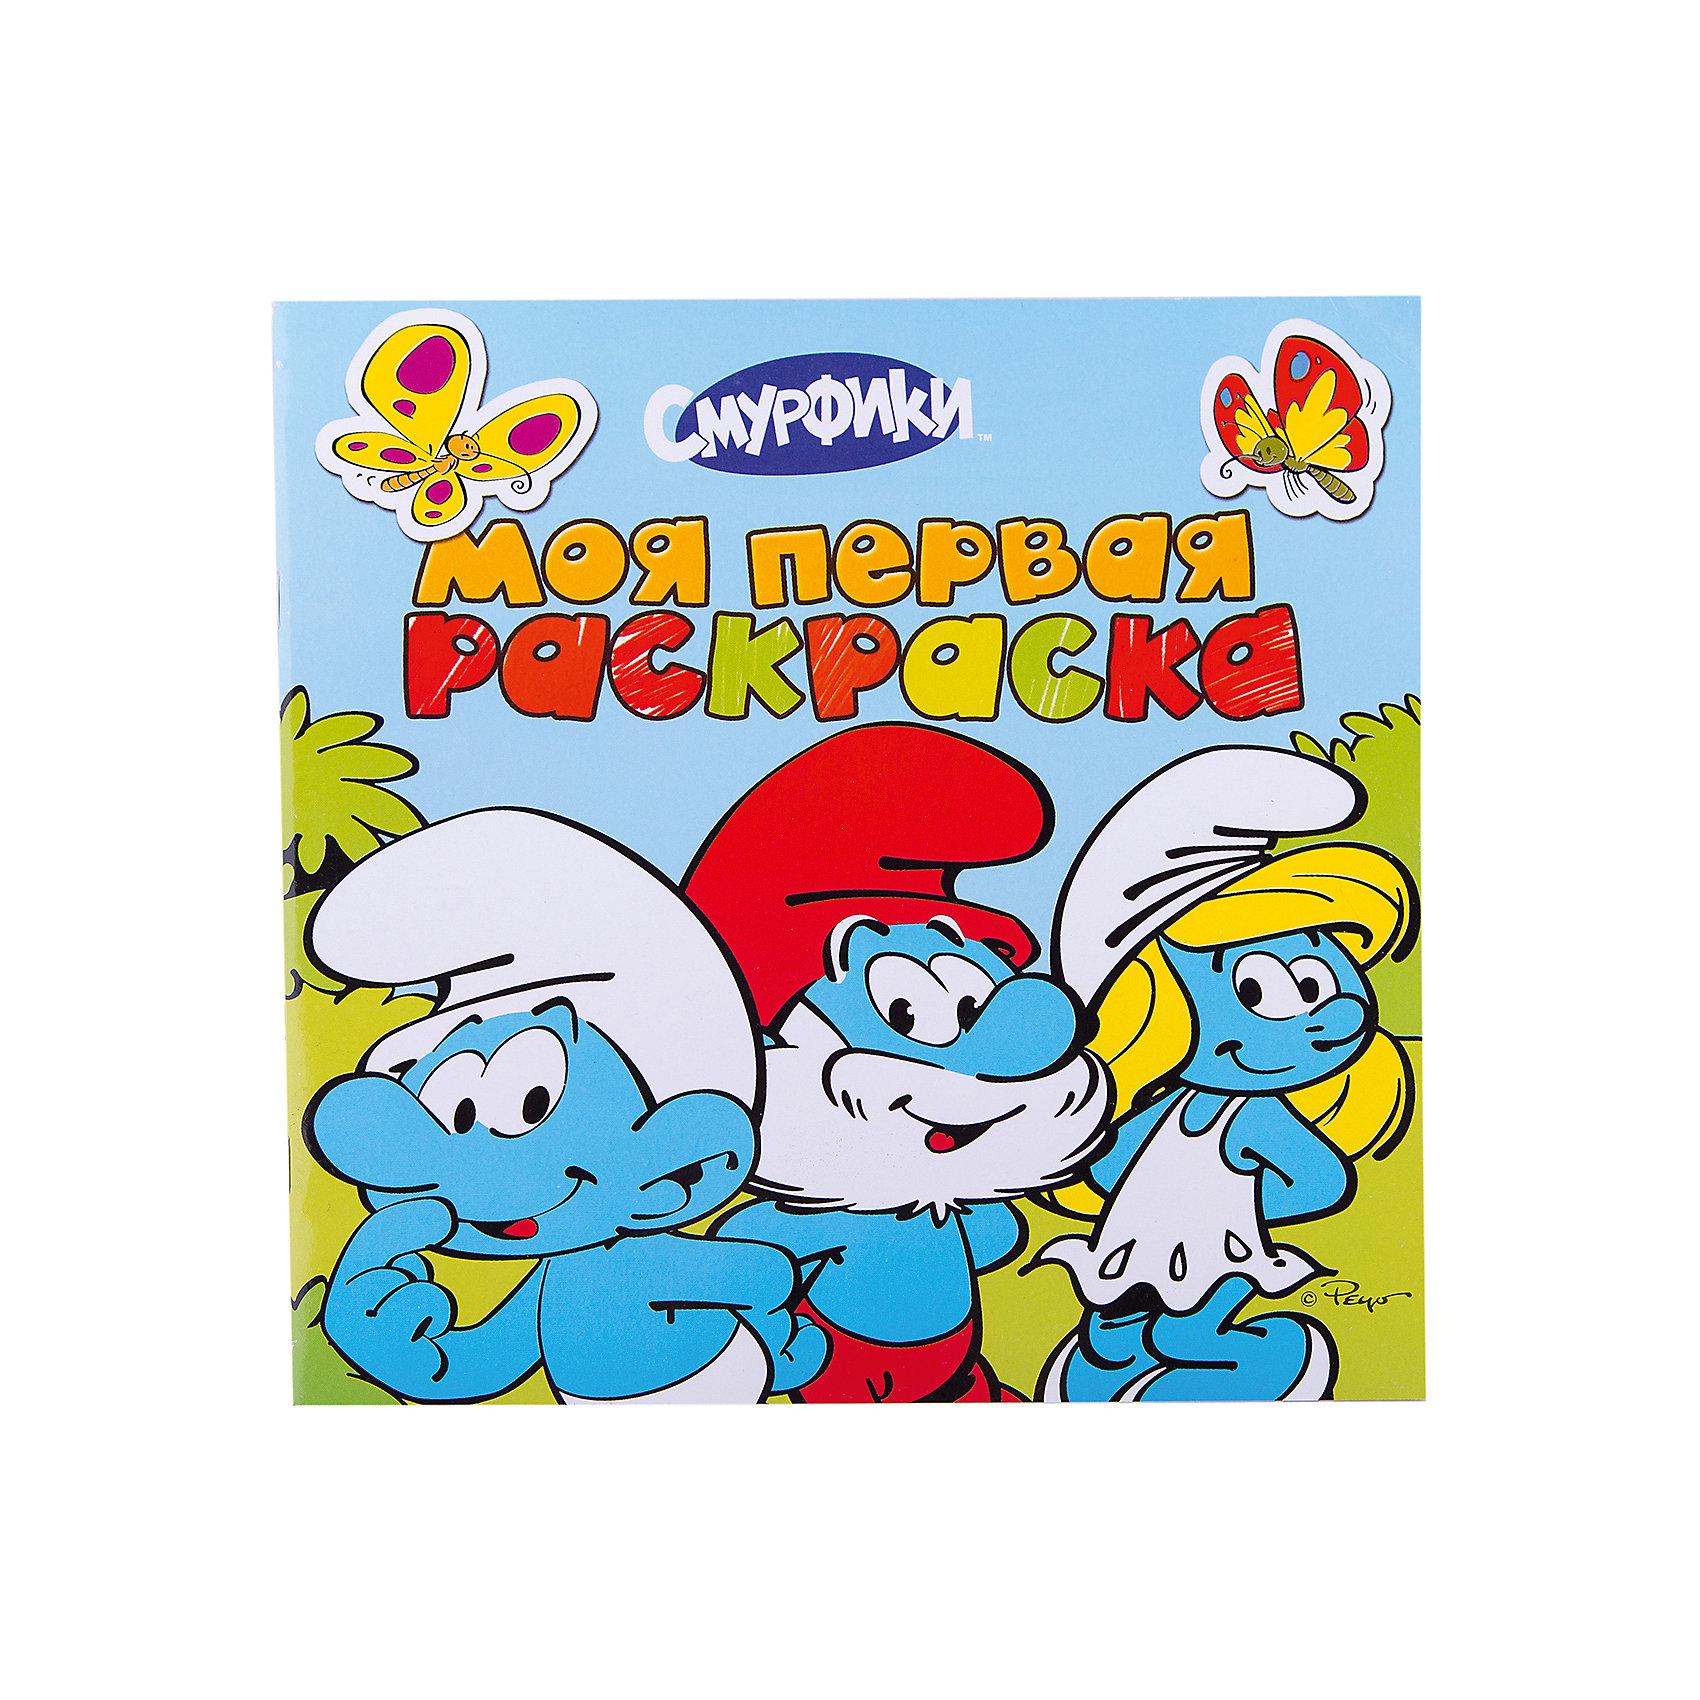 Моя первая раскраска (голубая), СмурфикиМоя первая раскраска (голубая), Смурфики<br><br>Характеристики:<br>- В набор входит: альбом для раскрашивания<br>- количество страниц: 12<br>- формат: 25 * 0,3 * 25 см.<br>- Тип обложки: мягкая<br>- вес: 102 гр.<br>Альбом-раскраска с героями известного мультфильма синими смурфиками сделает рисование еще веселее. Каждая страничка раскраски имеет свою историю, которая произошла в городе Смурфидол. Работая с раскрасками ребенок развивает мелкую моторику, усидчивость, чувство цвета и развивает творческие способности. Также доказано положительное влияние раскрасок на психологическое развитие. Кроме всех полезных свойств раскраски это еще и отличное времяпровождение в компании с любимыми героями и воображением. <br>Альбом Моя первая раскраска (голубая), Смурфики можно купить в нашем интернет-магазине.<br>Подробнее:<br>• ISBN: 9785353062226<br>• Для детей в возрасте: от 0 до 6 лет<br>• Номер товара: 5109584<br>Страна производитель: Российская Федерация<br><br>Ширина мм: 245<br>Глубина мм: 245<br>Высота мм: 3<br>Вес г: 102<br>Возраст от месяцев: 0<br>Возраст до месяцев: 36<br>Пол: Унисекс<br>Возраст: Детский<br>SKU: 5109584